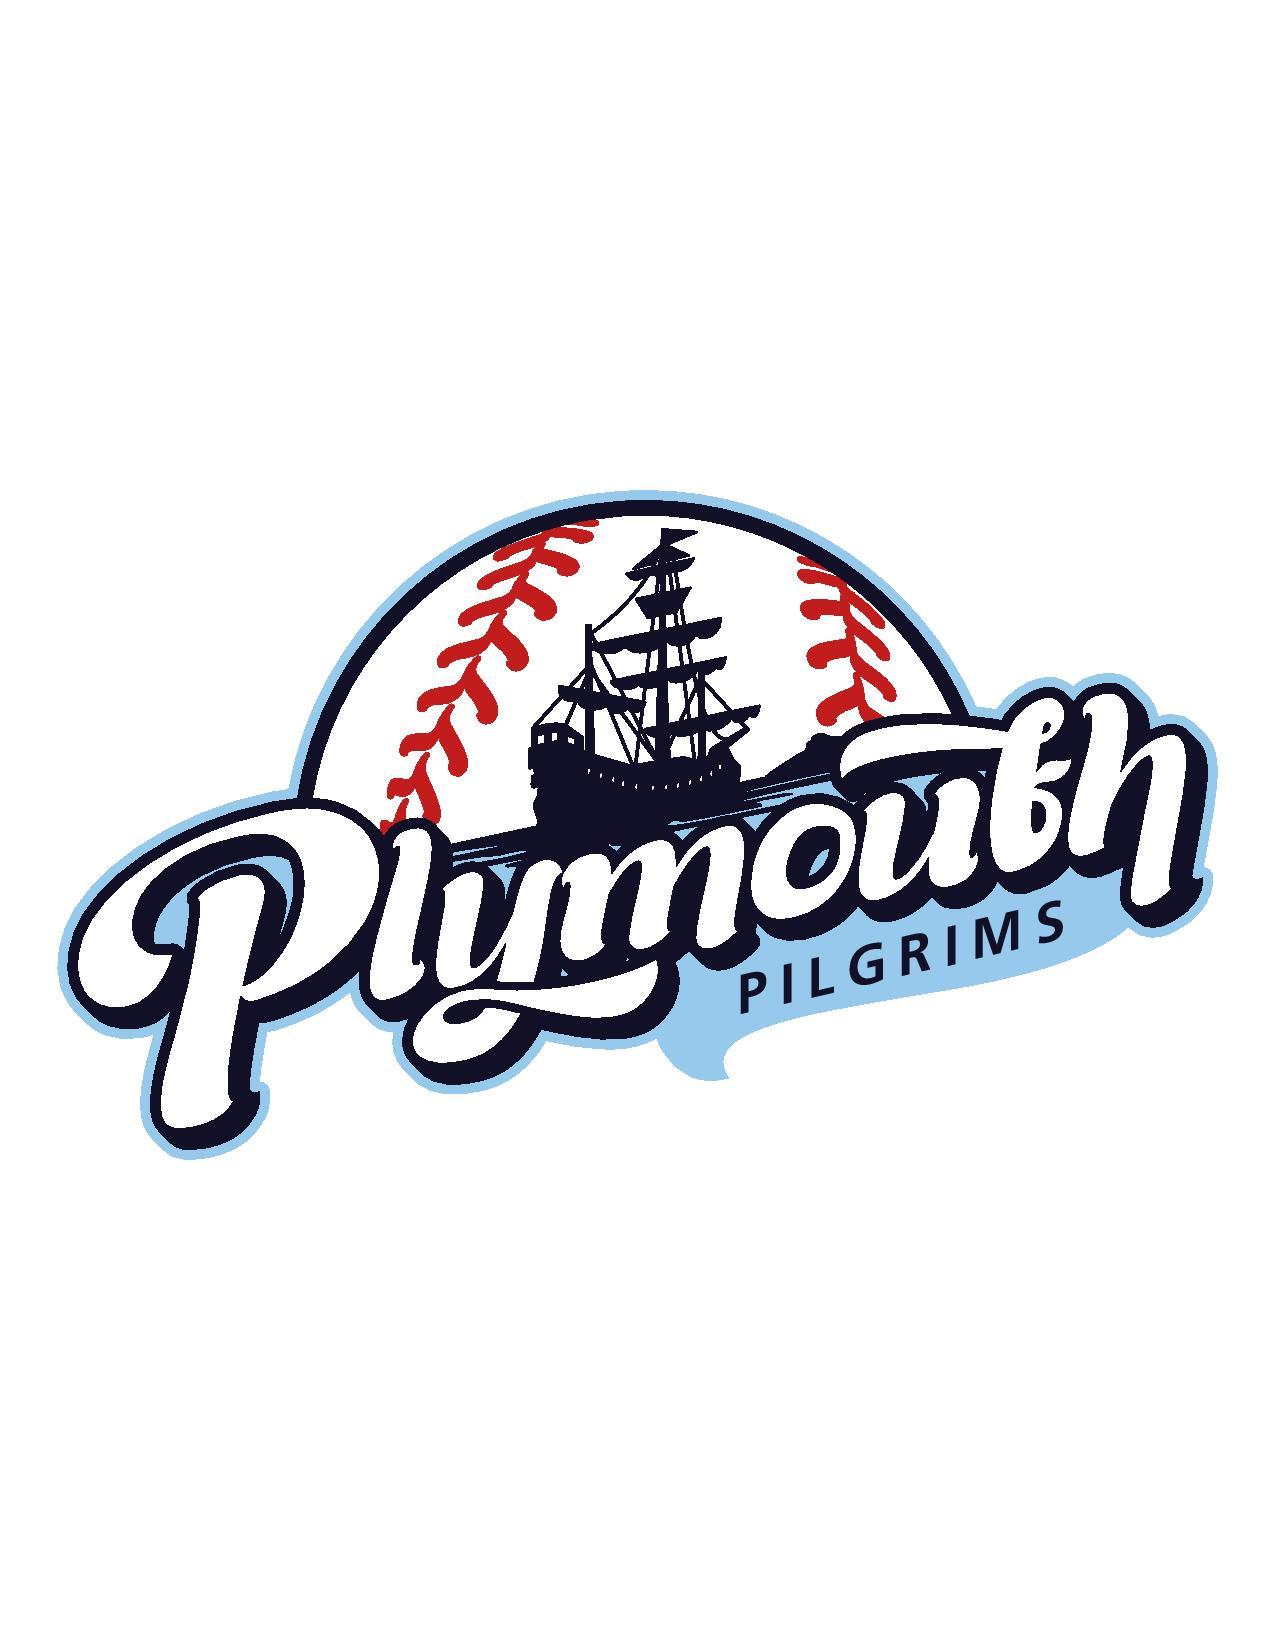 NECBL: Plymouth Pilgrims